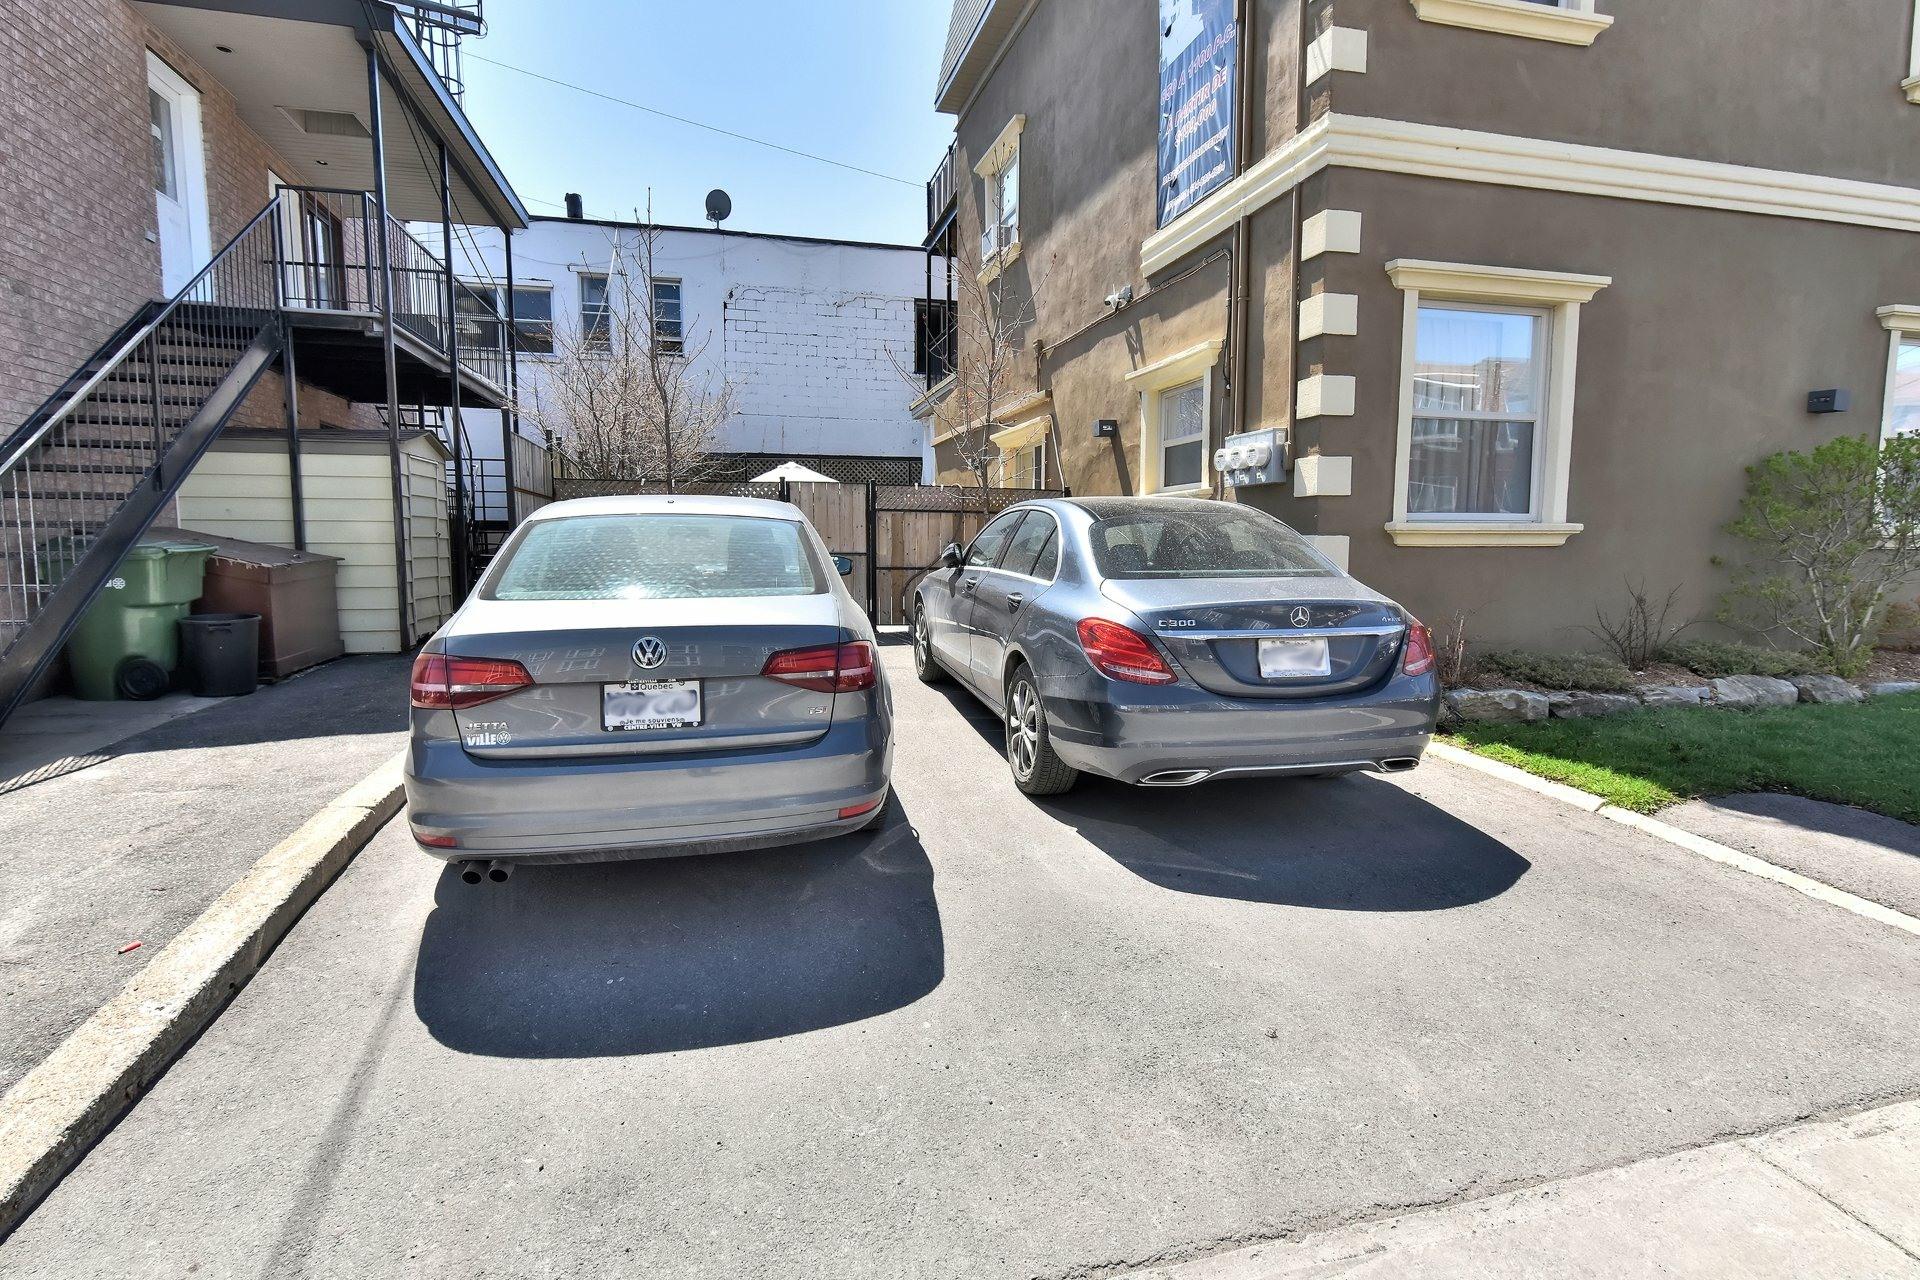 image 17 - Appartement À vendre Côte-des-Neiges/Notre-Dame-de-Grâce Montréal  - 5 pièces